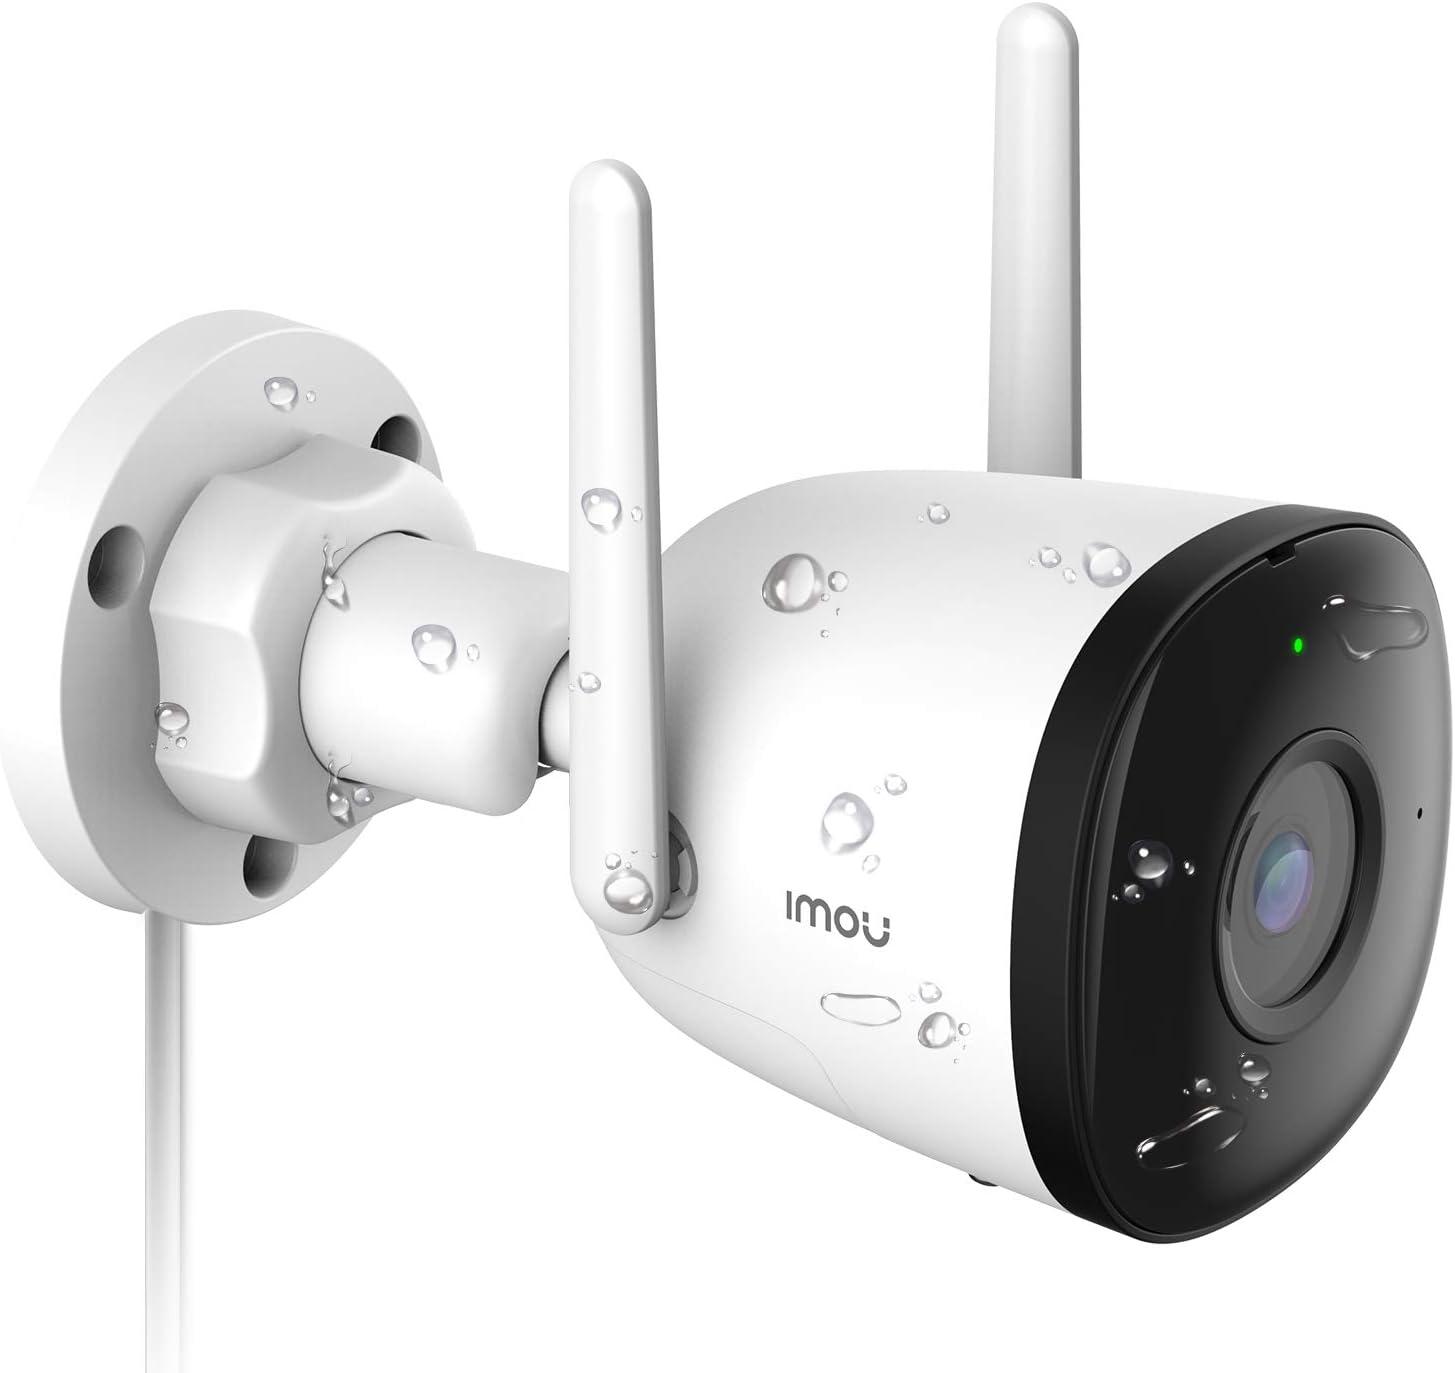 Cámara IP WiFi Exterior con Detección de Humano, Cámara de Vigilancia WiFi con Visión Nocturna de 30m, IP67 a Prueba de Agua y Polvo, Imou ...